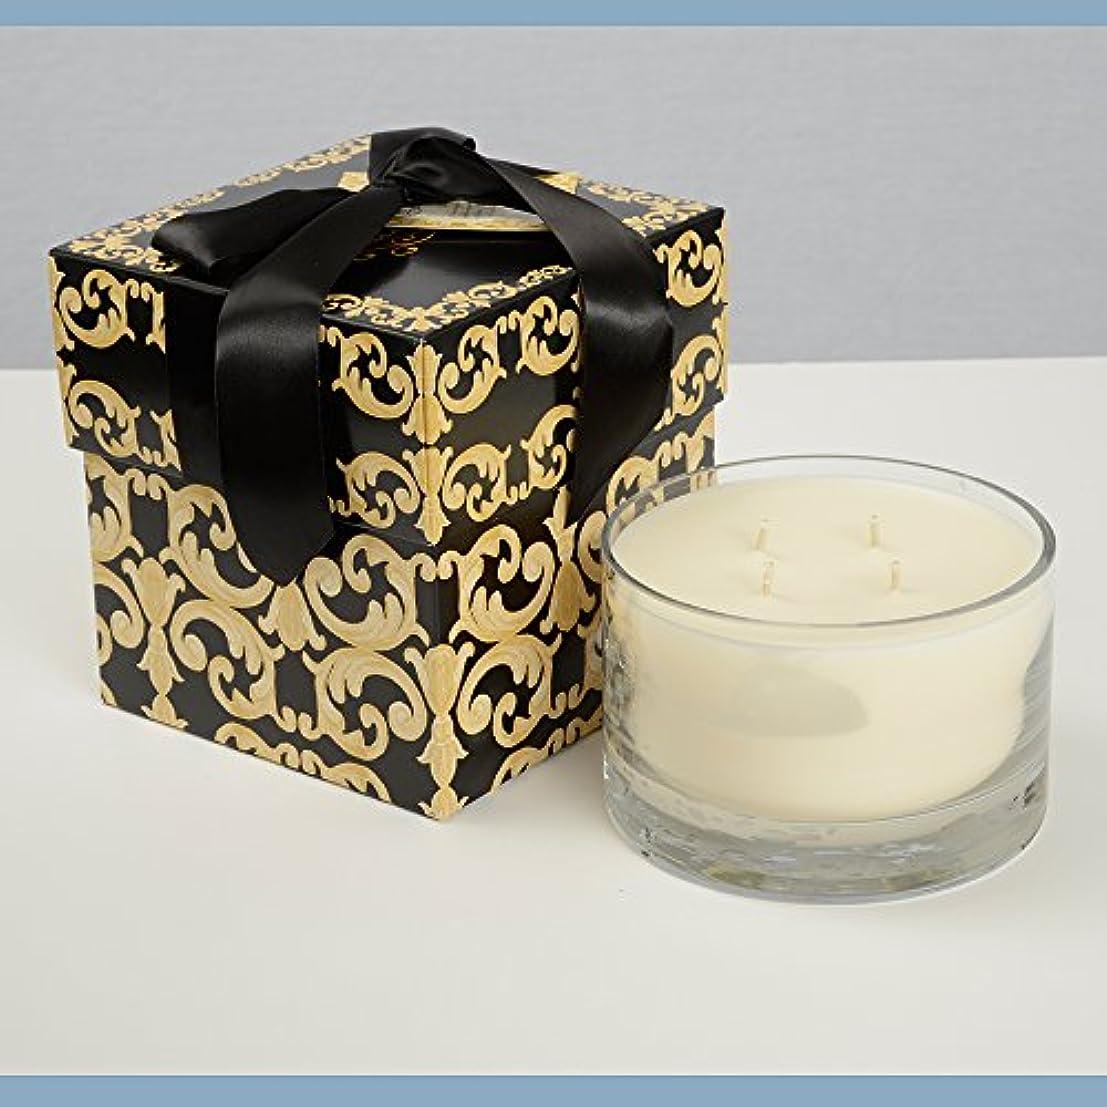 導出からマイルフランス市場 – Exclusive Tyler 40 oz 4-wick香りつきJar Candle